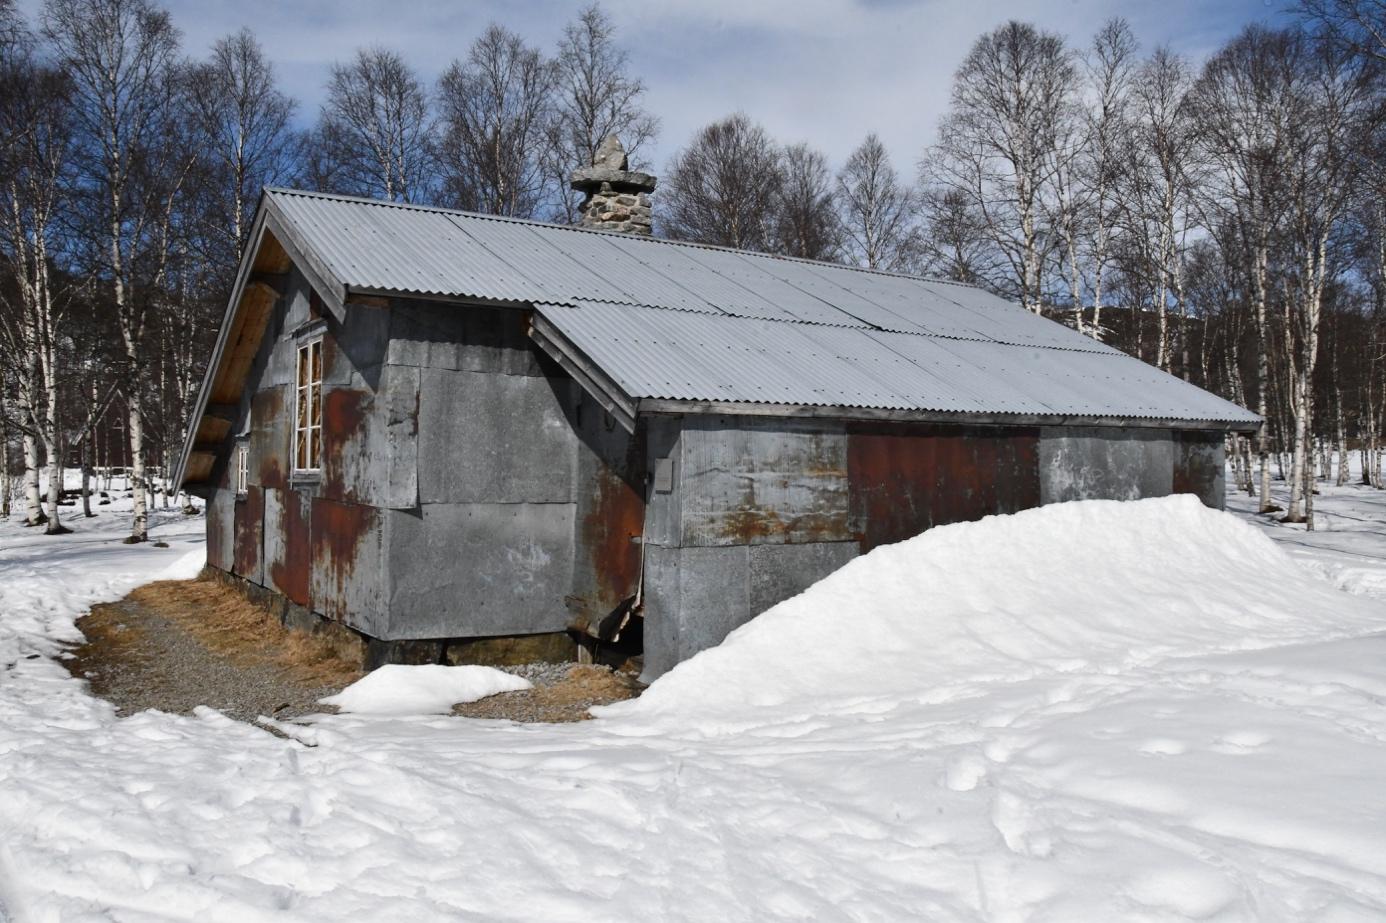 Et bilde som inneholder snø, utendørs, tre, himmel  Automatisk generert beskrivelse